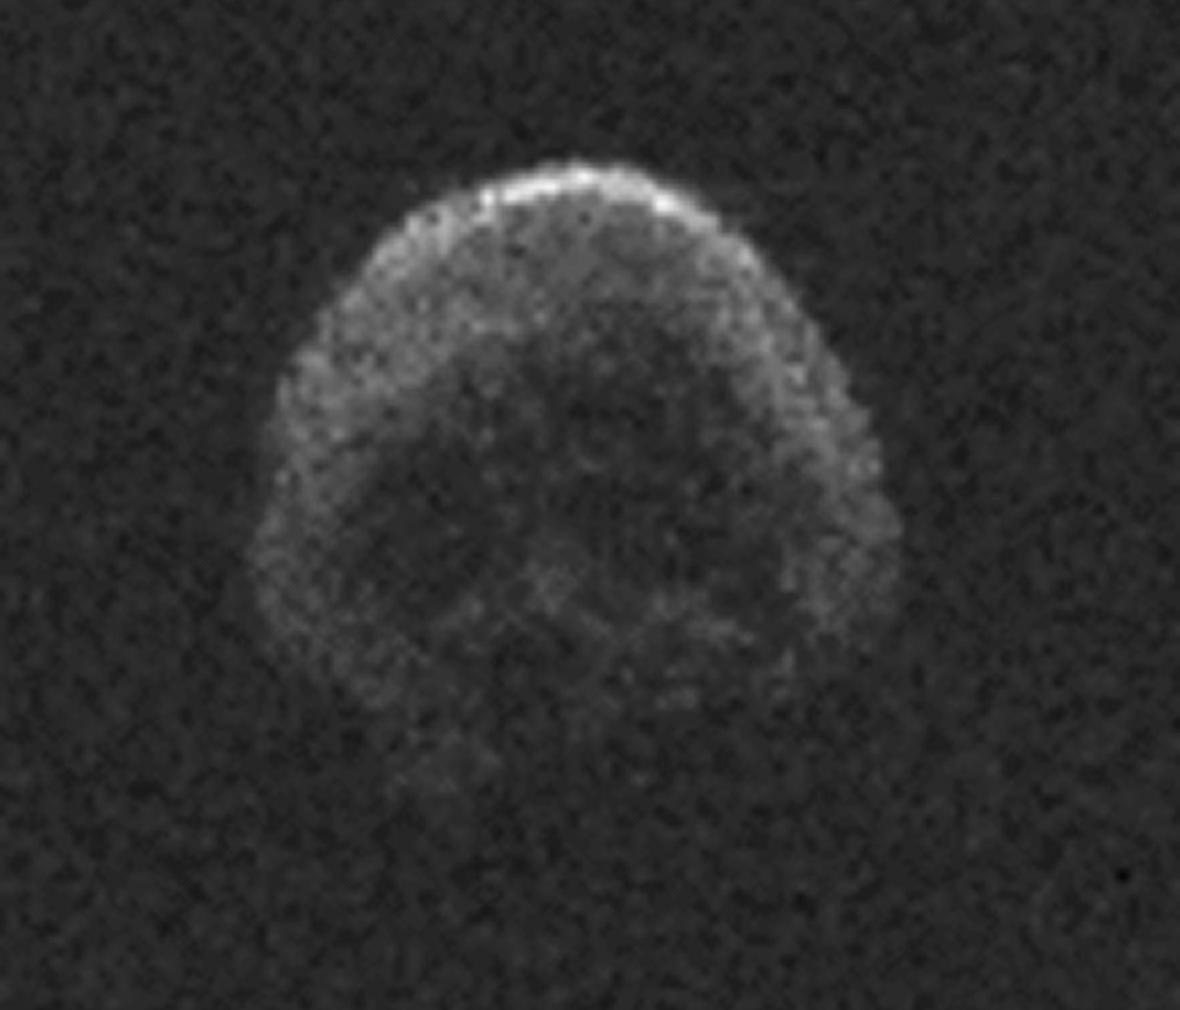 Radarový snímek asteroidu 2015 TB145